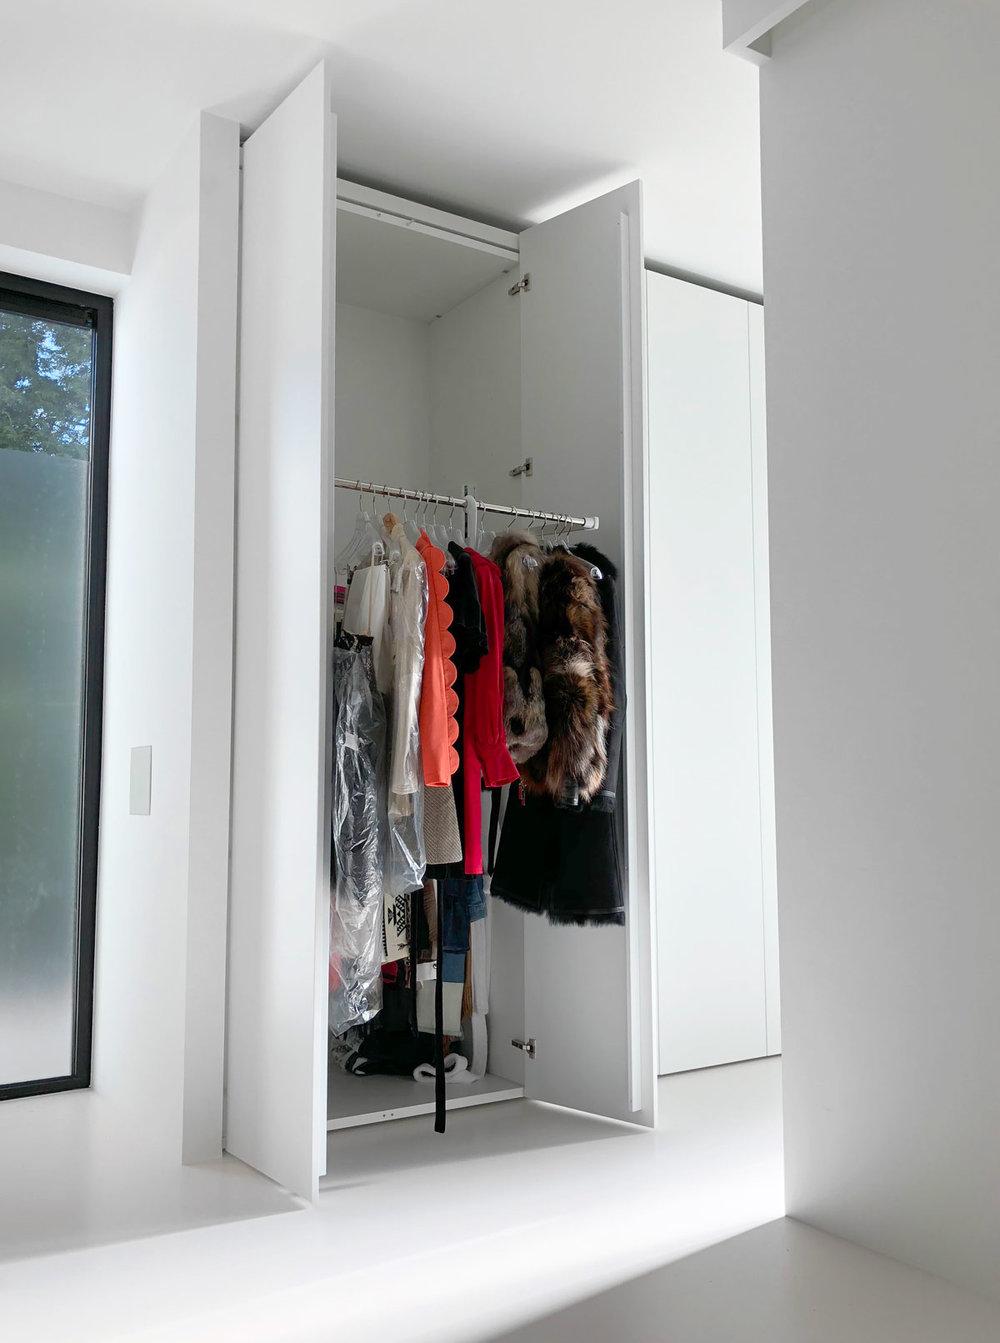 Afbeelding van een geopende kledingkast met een design kledinglift uitgeklapt.